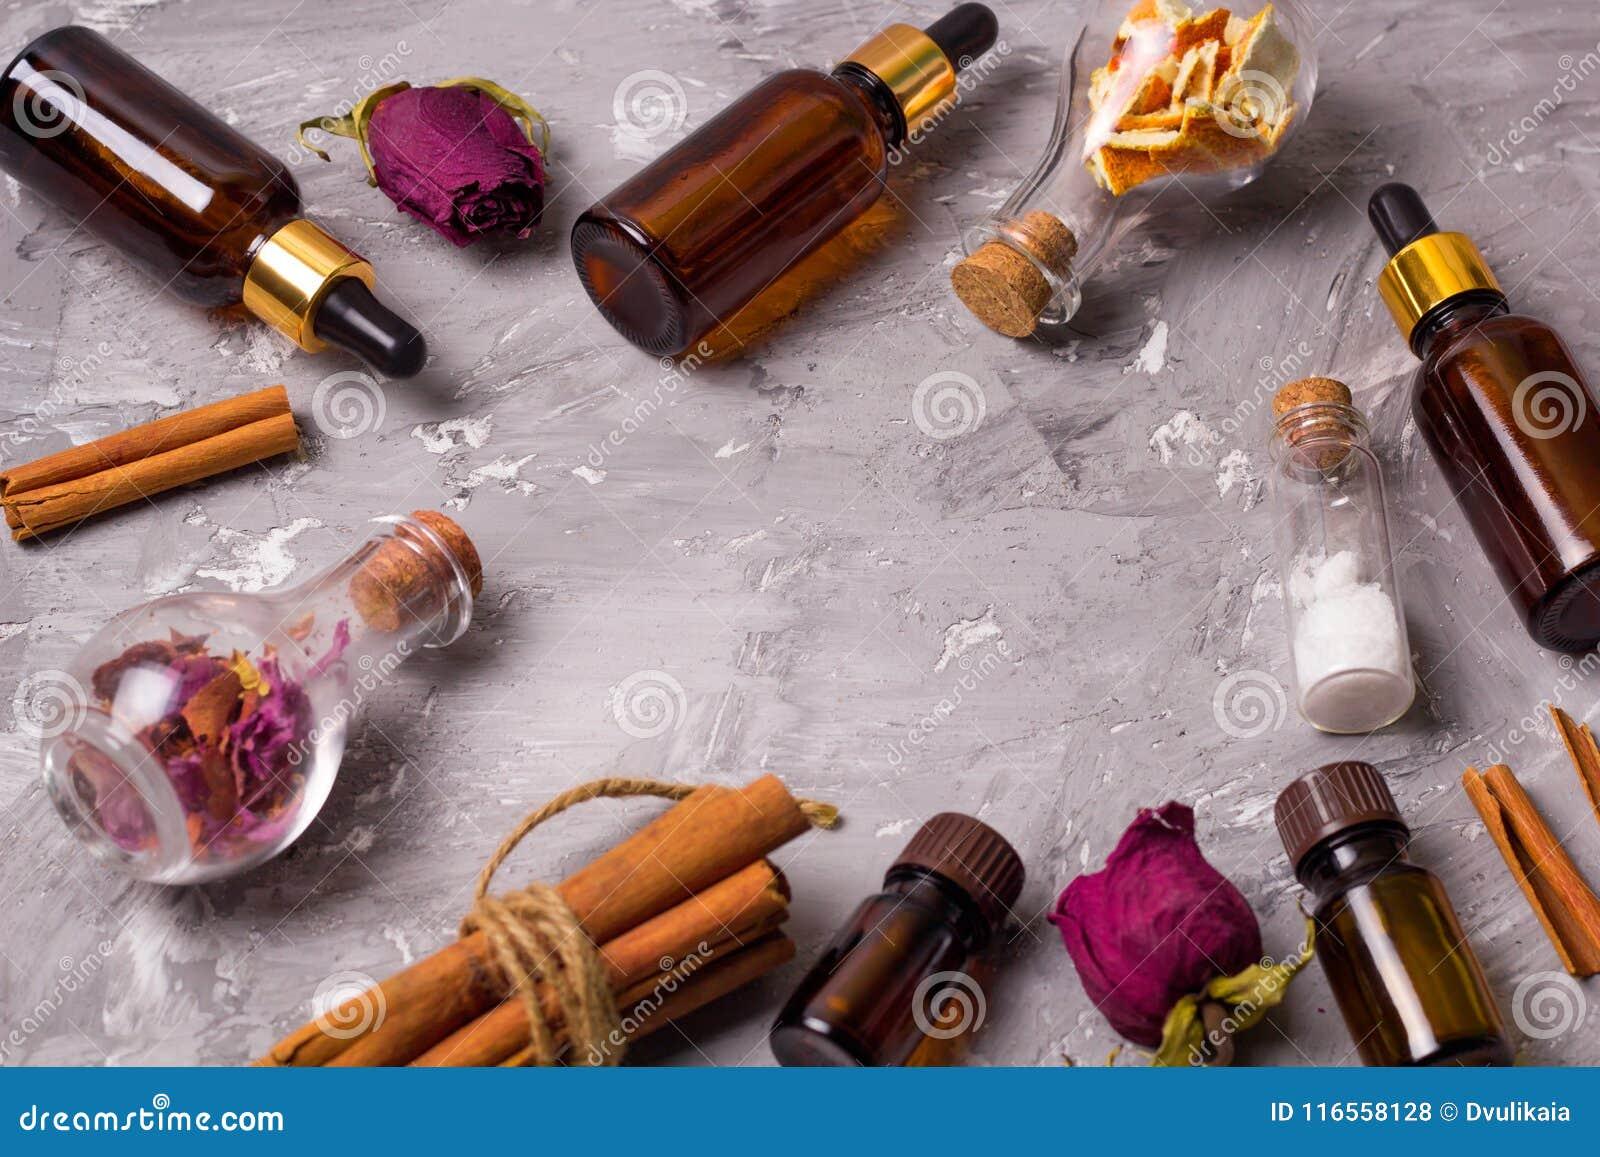 Frame with spa set bottles